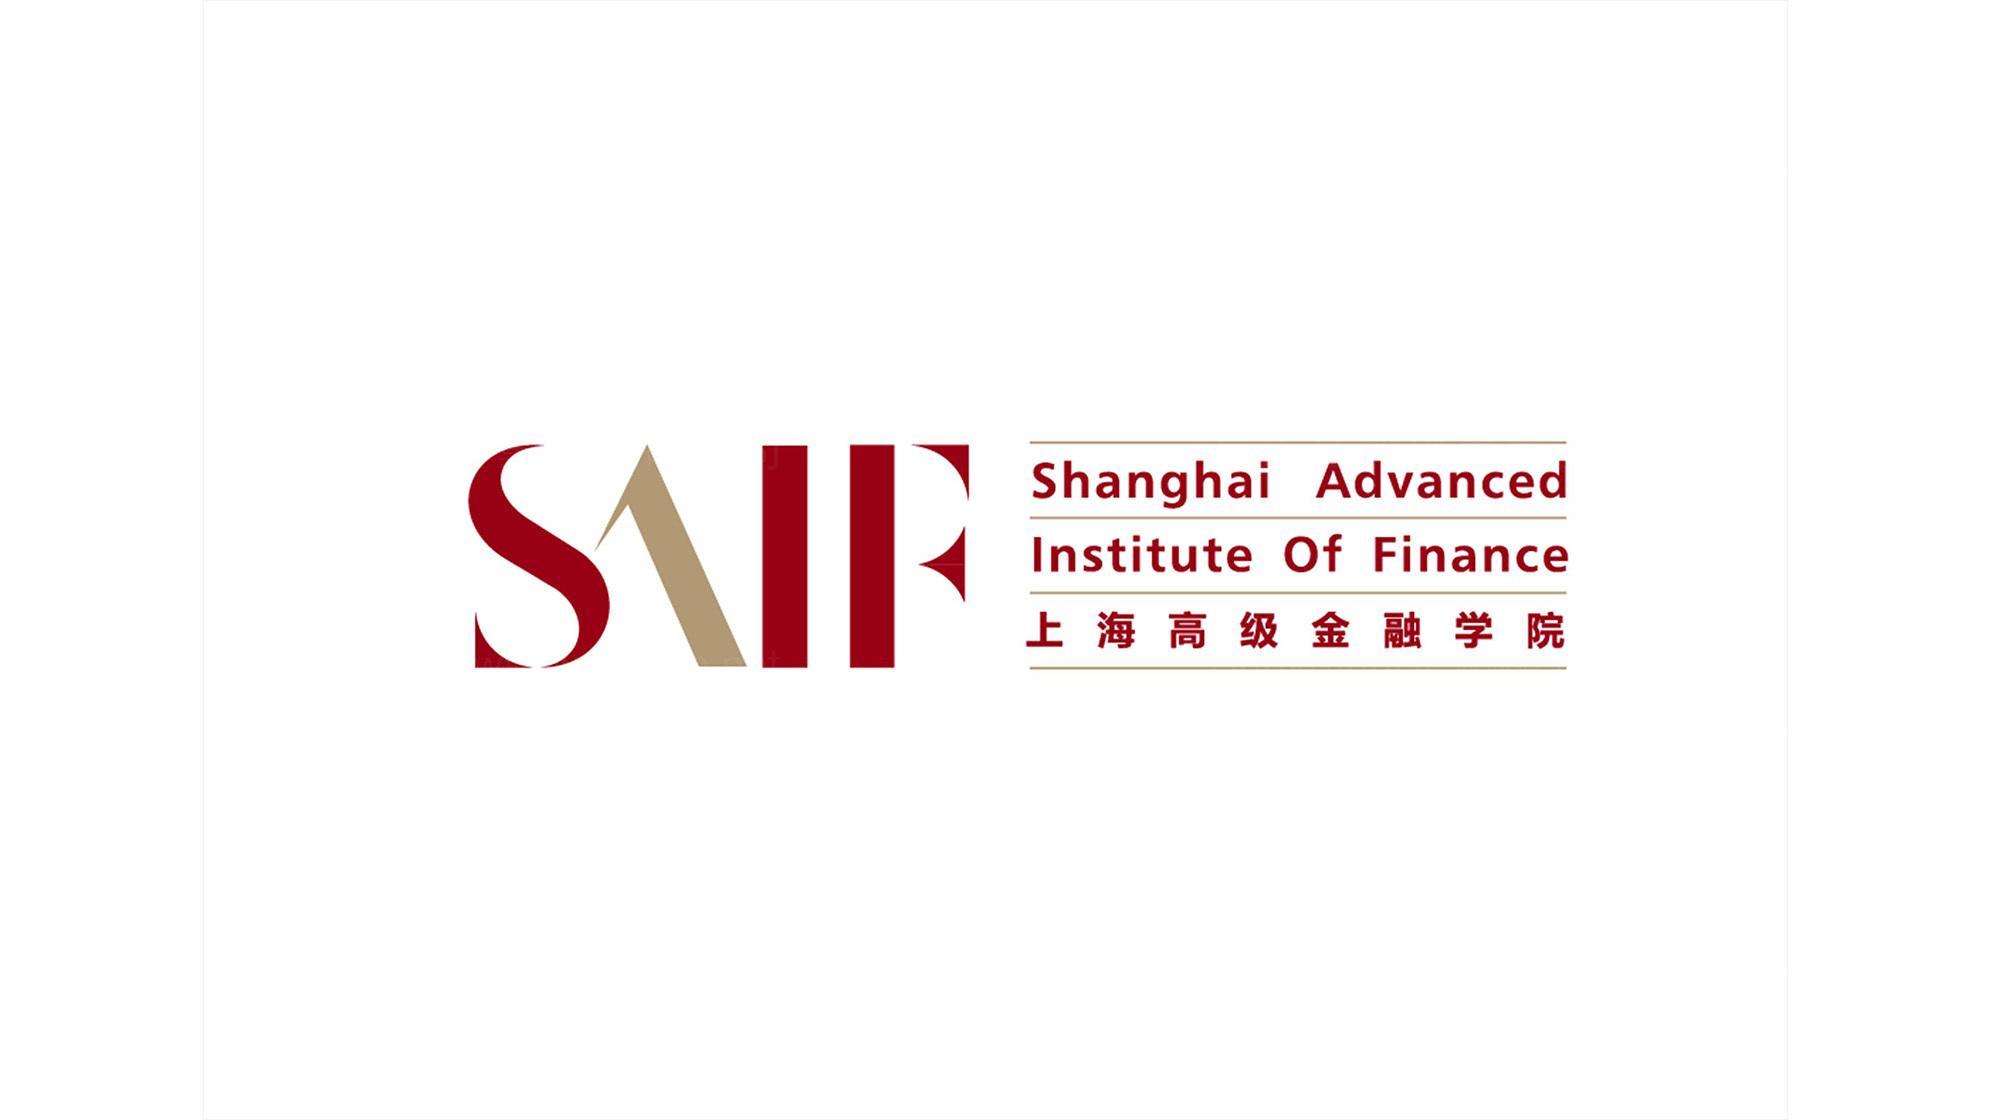 品牌设计上海高级金融学院logo设计、vi设计应用场景